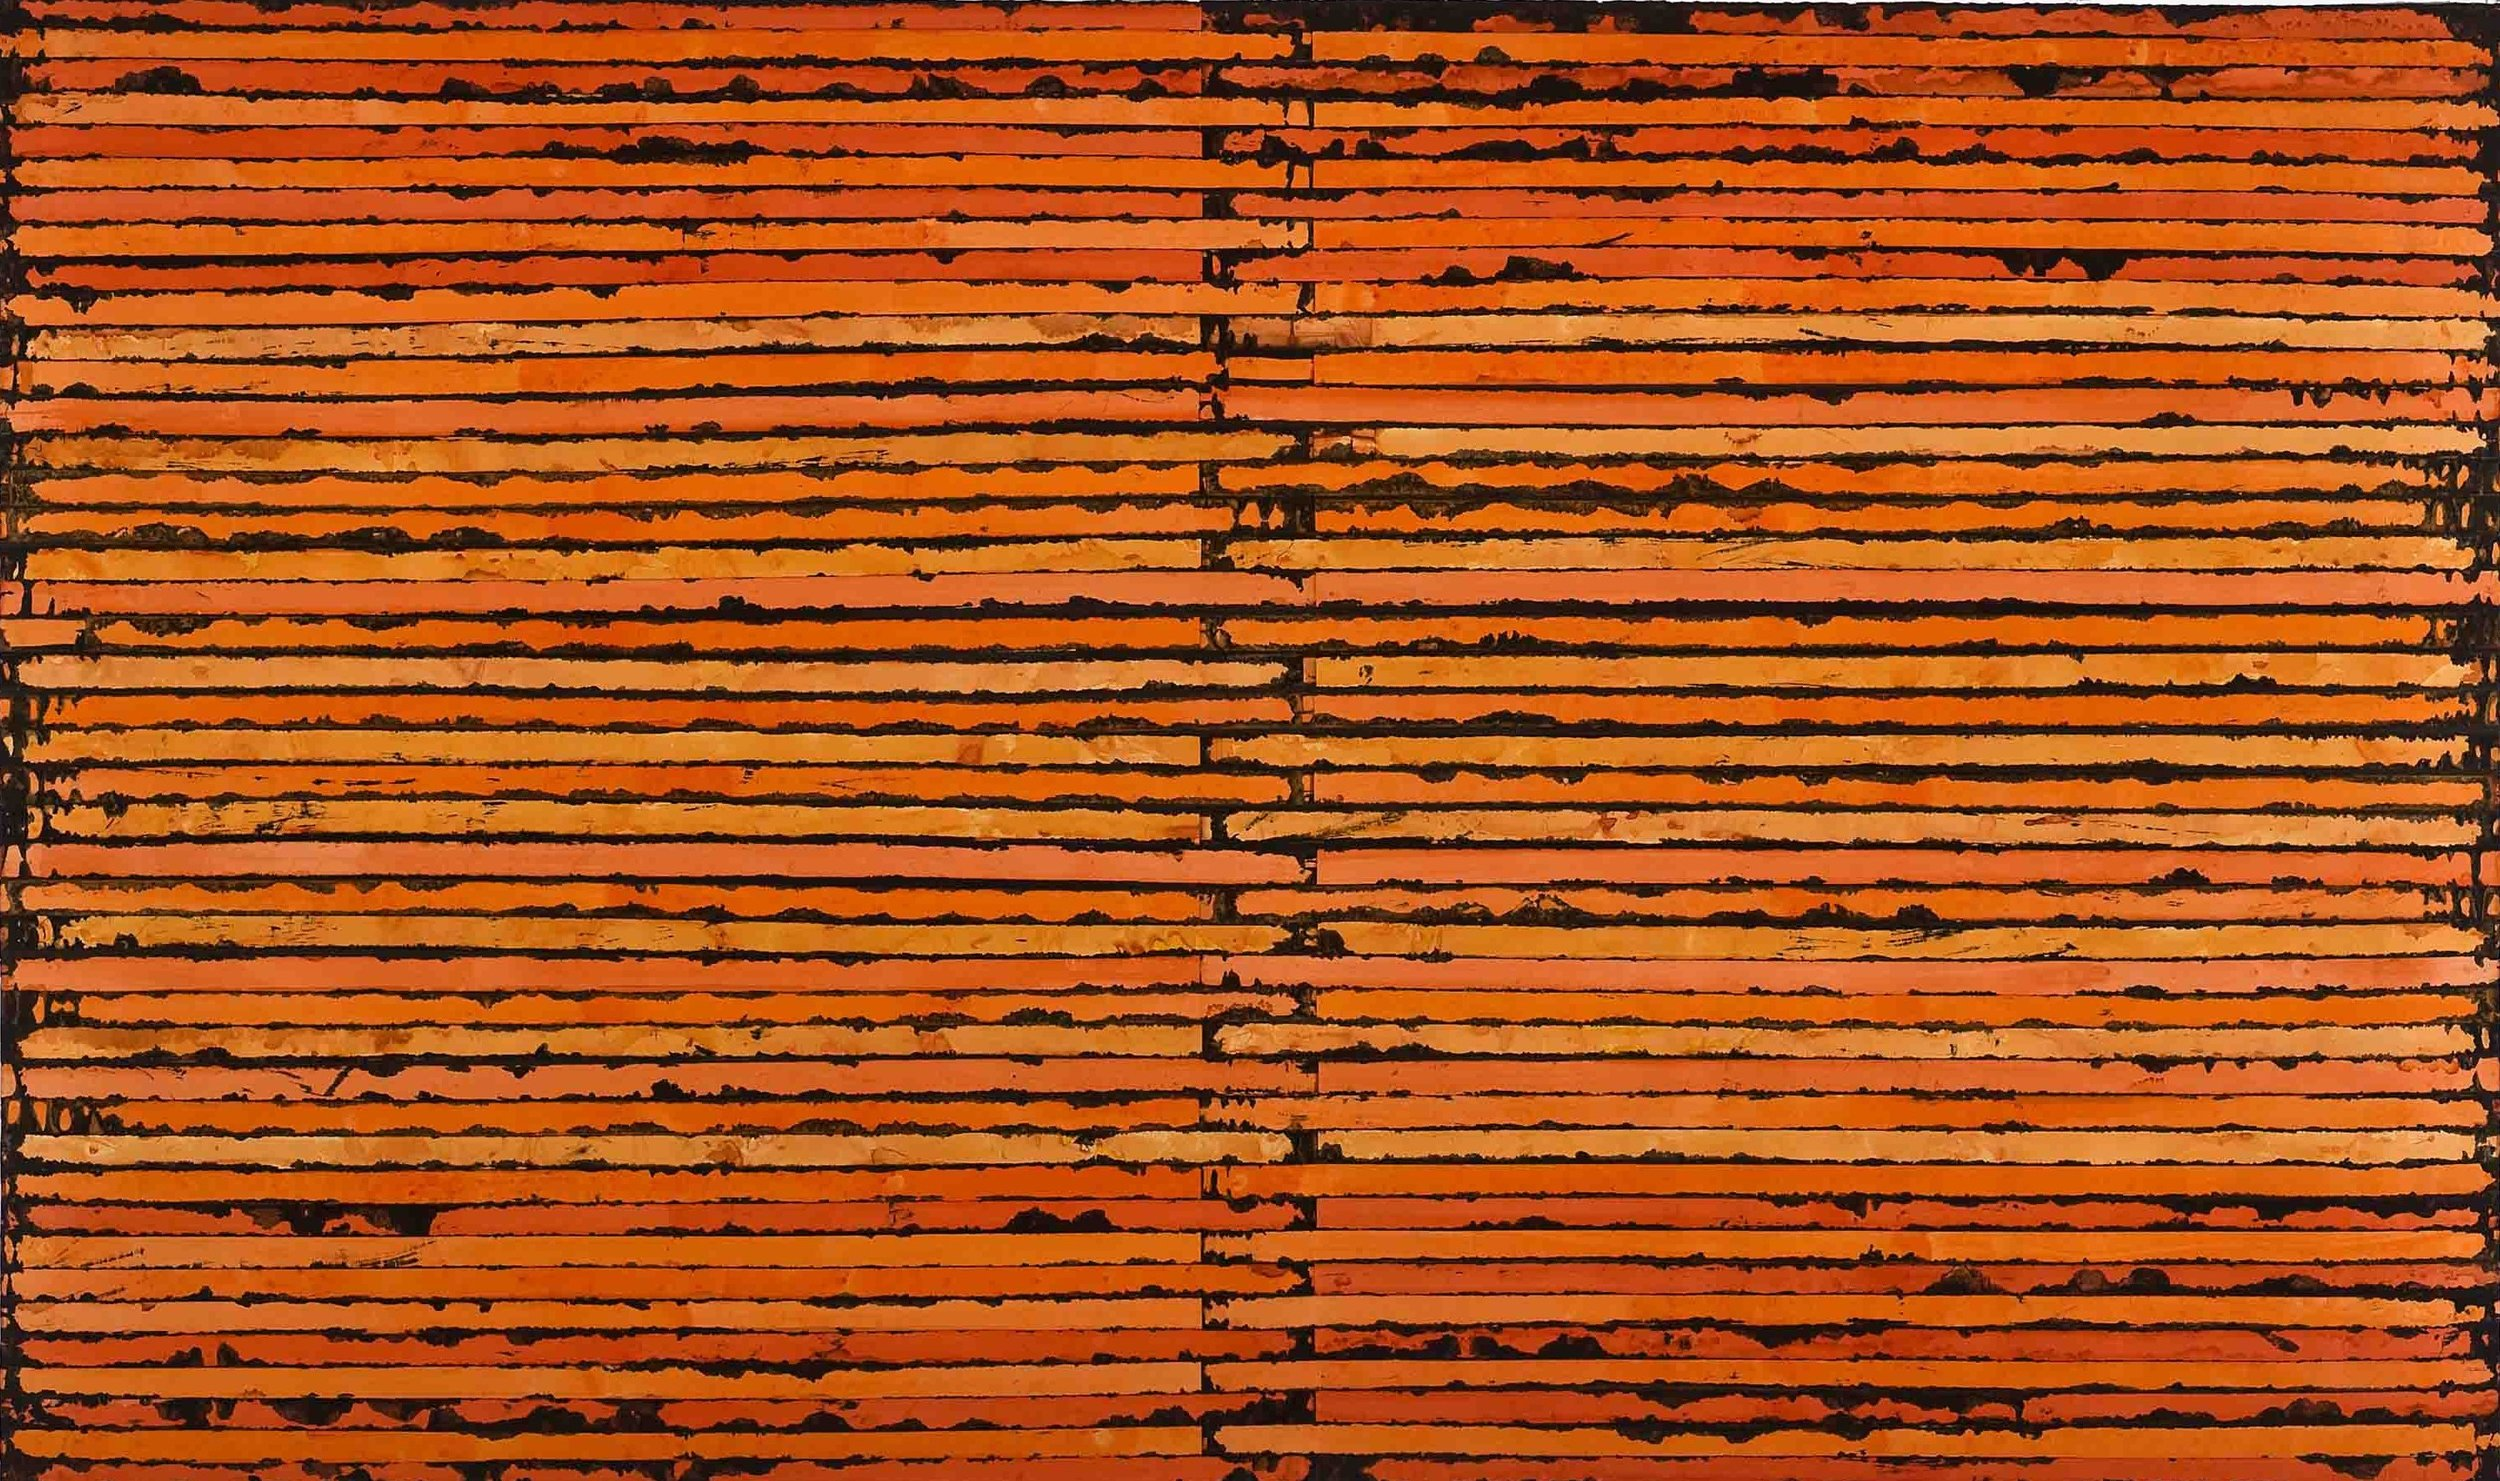 Sam Grigorian, Orange , 2010, mixed media, décollage, 147 x 250cm